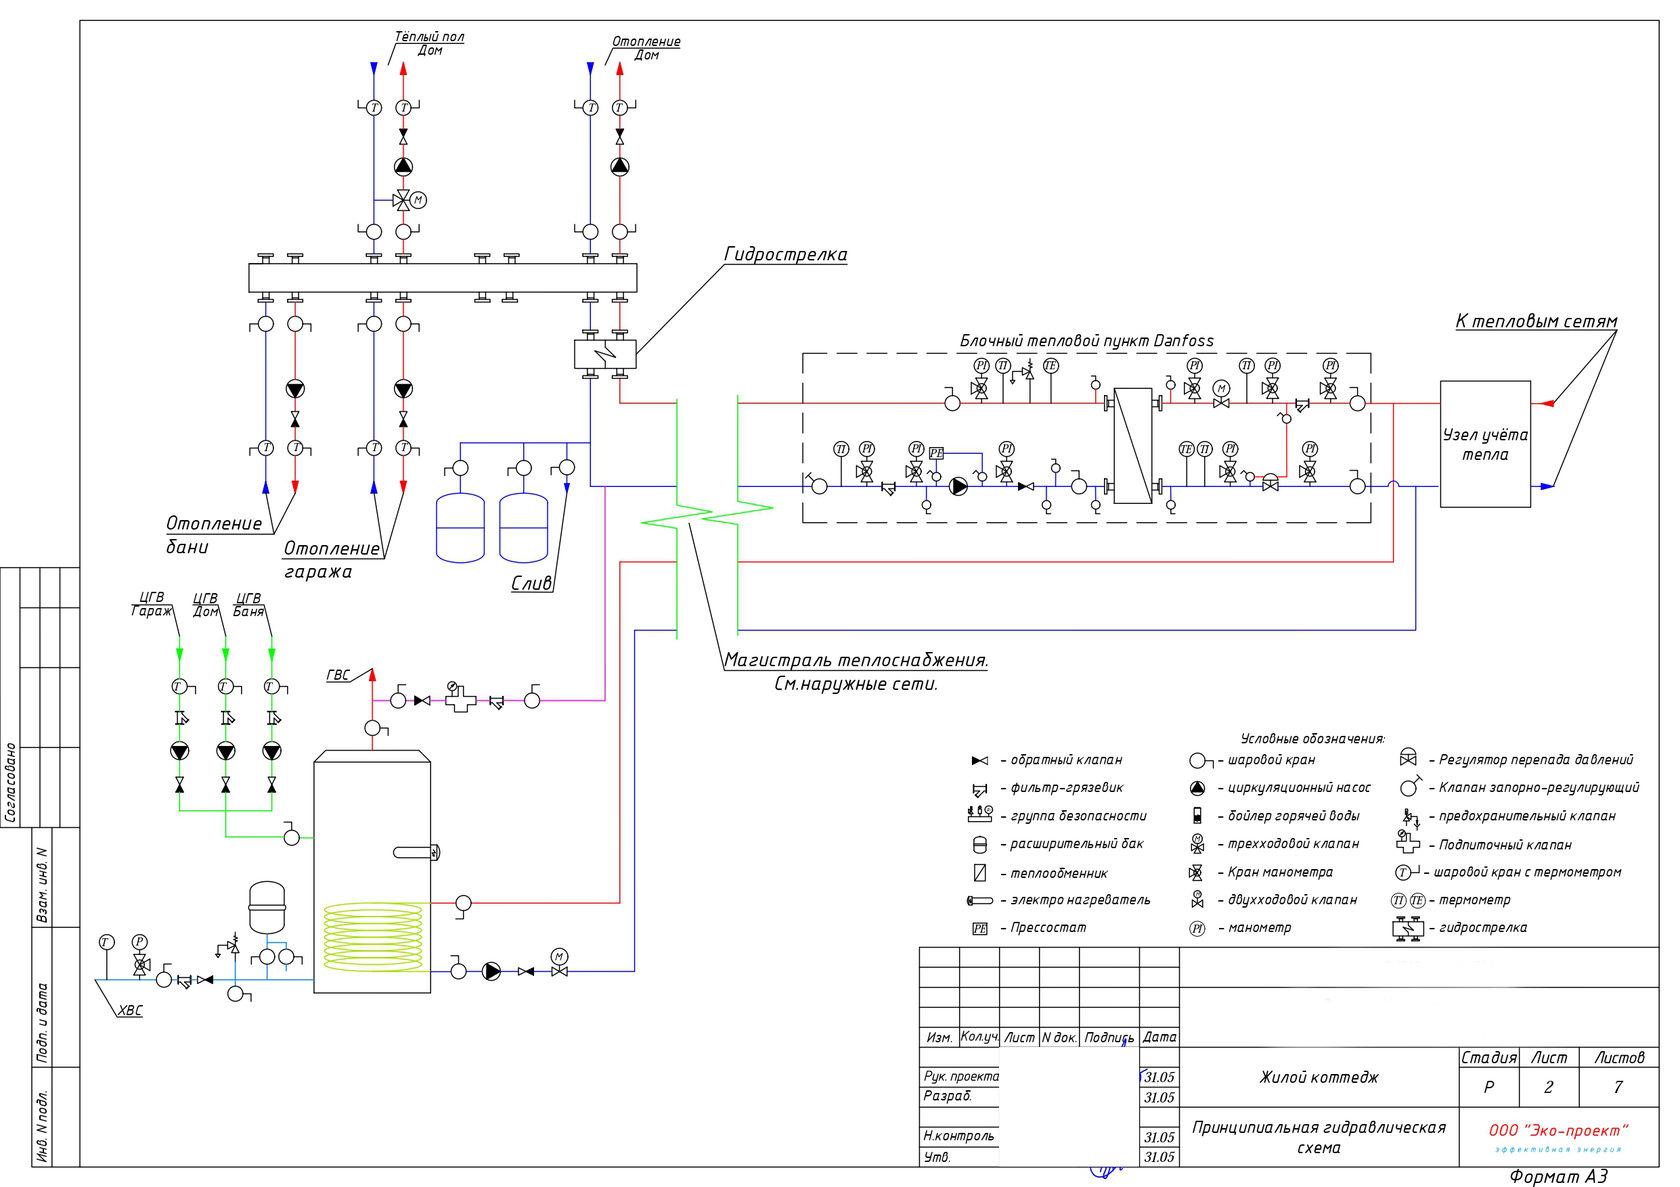 Принципиальные схемы элеватора шнековый транспортер тш 1